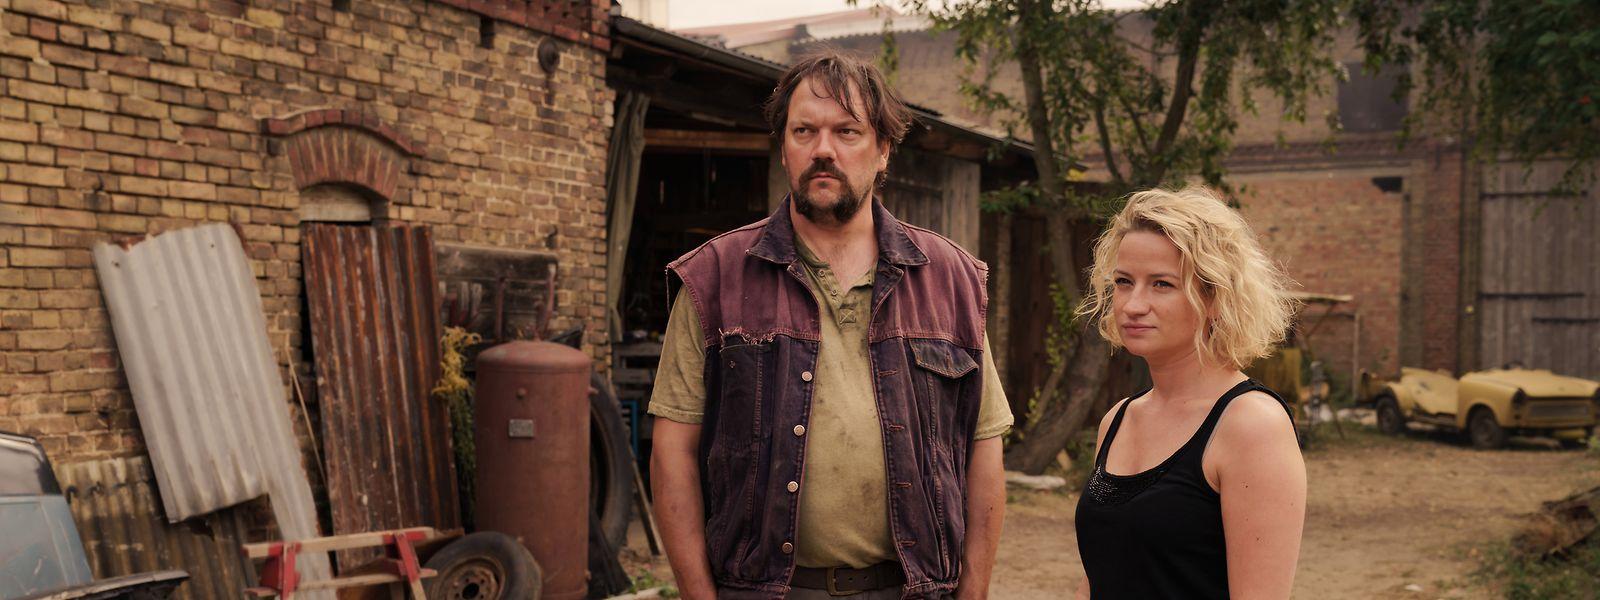 Nach langer Zeit ist Schaller (Charly Hübner) wieder ins Dorf zurückgekehrt. Möchte er nur die Beziehung zu seiner Tochter Miriam (Nina Gummich) verbessern?